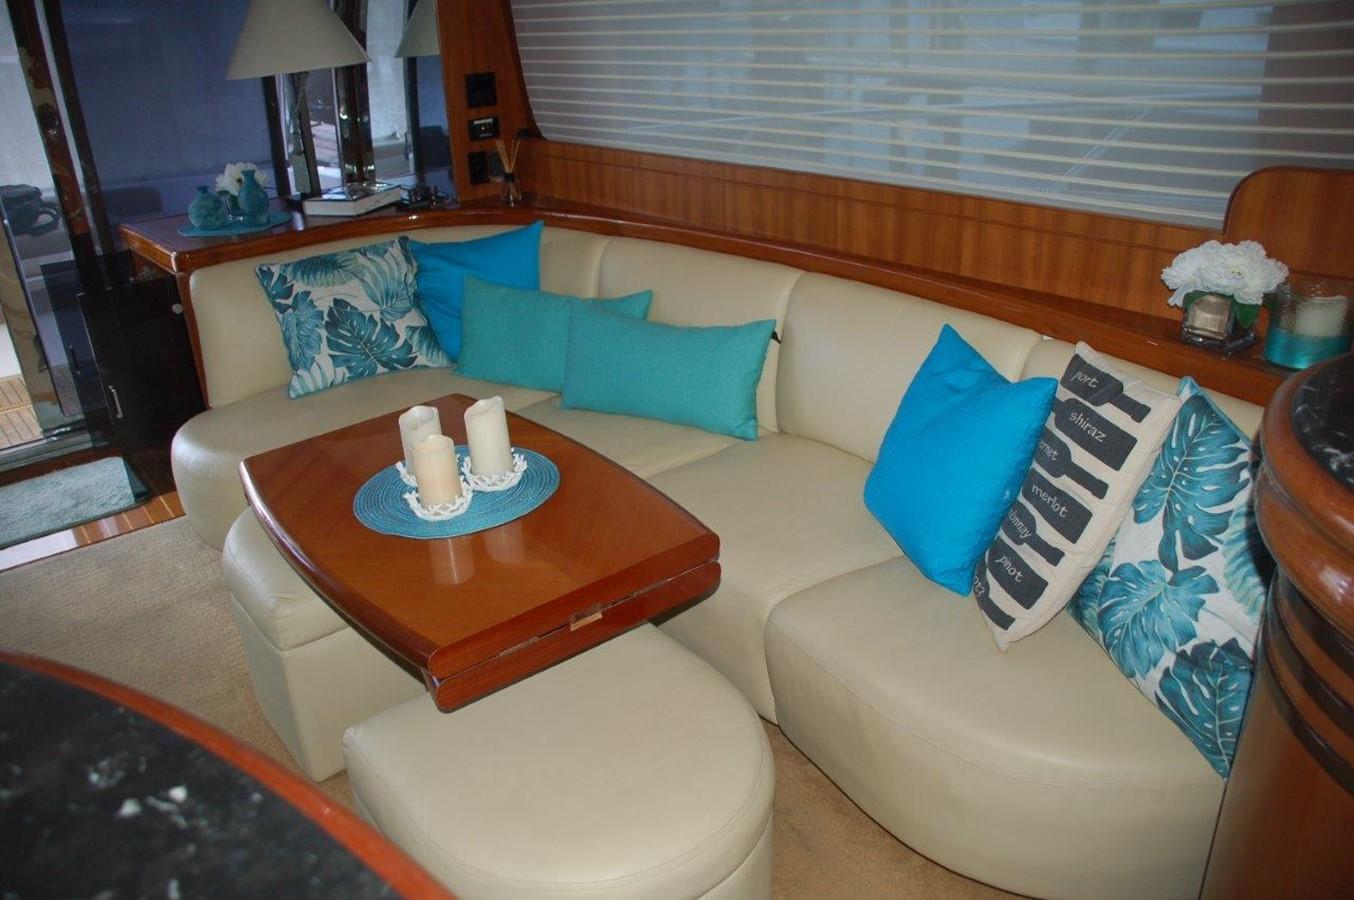 Salon Settee 2002 HORIZON Sedan Motoryacht Motor Yacht 2316623